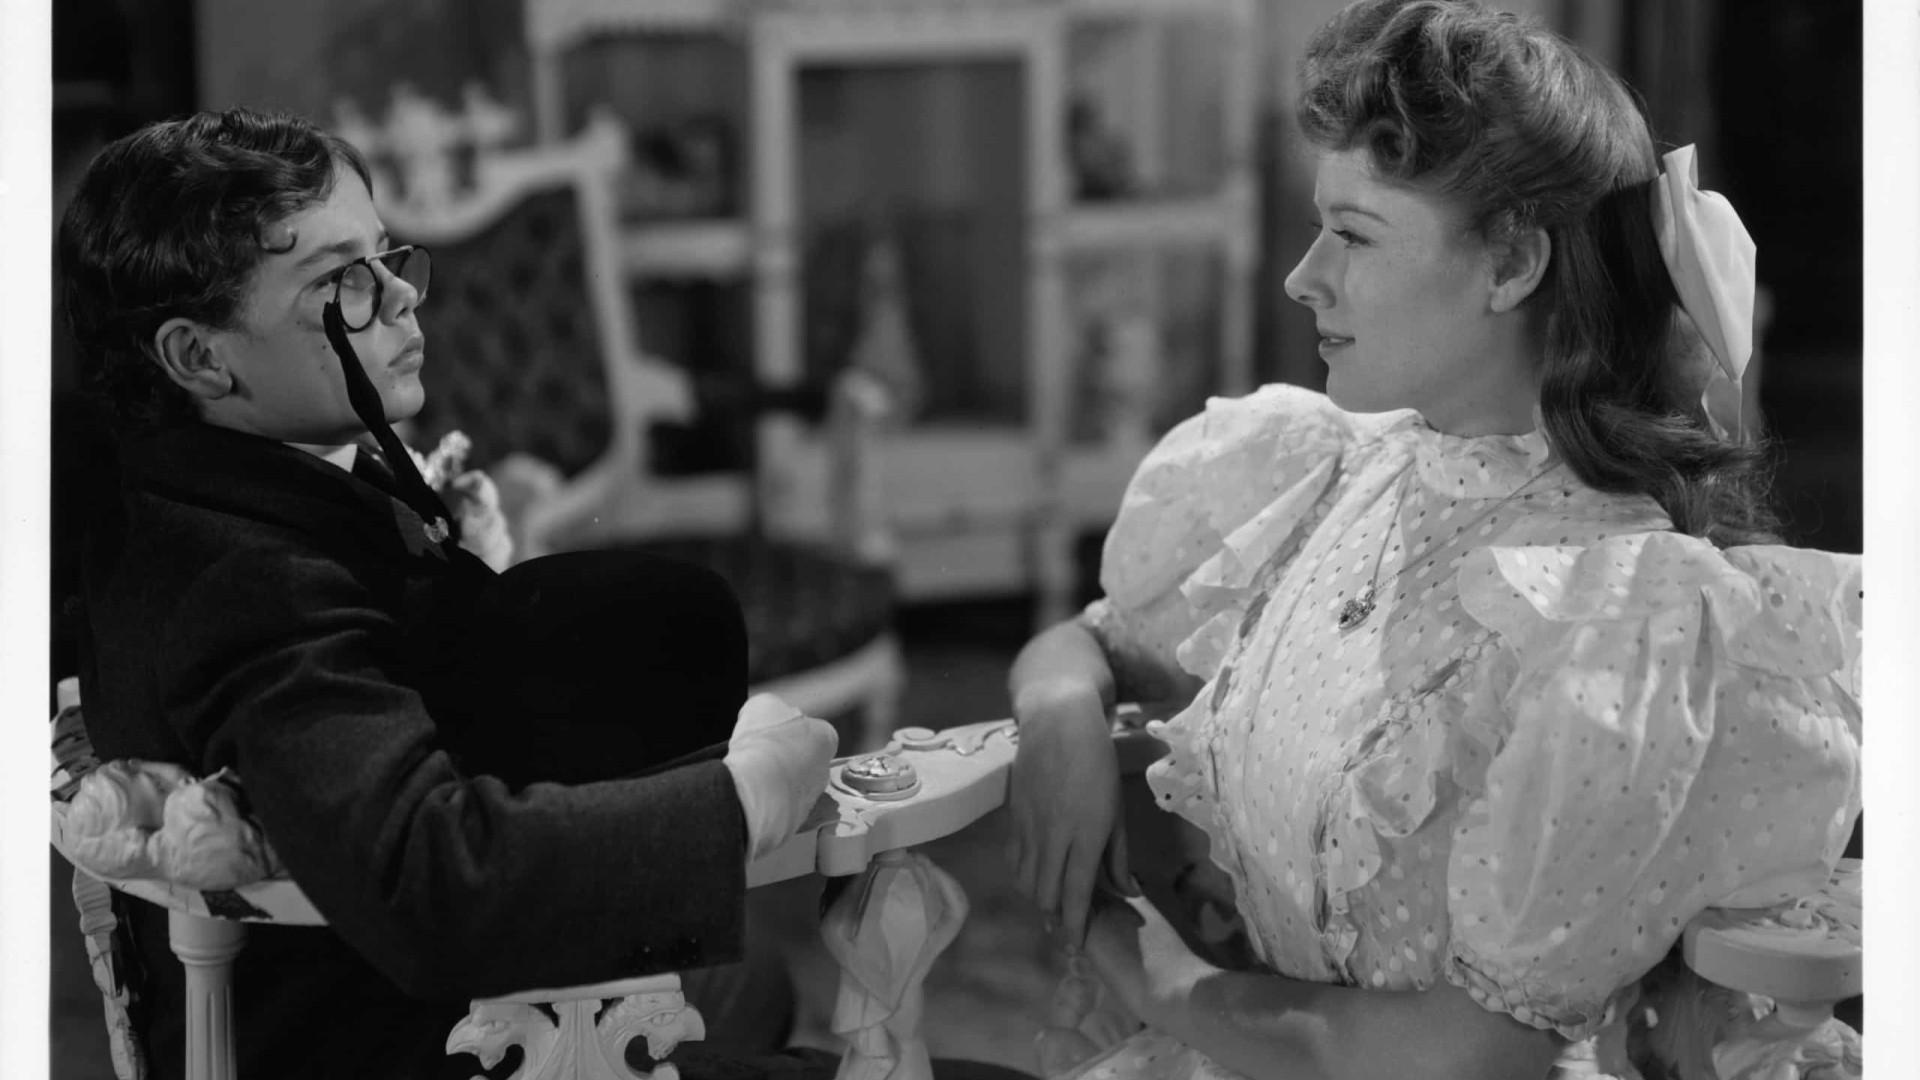 Morre a atriz Claudia Barrett, de 'Robot Monster', aos 91 anos